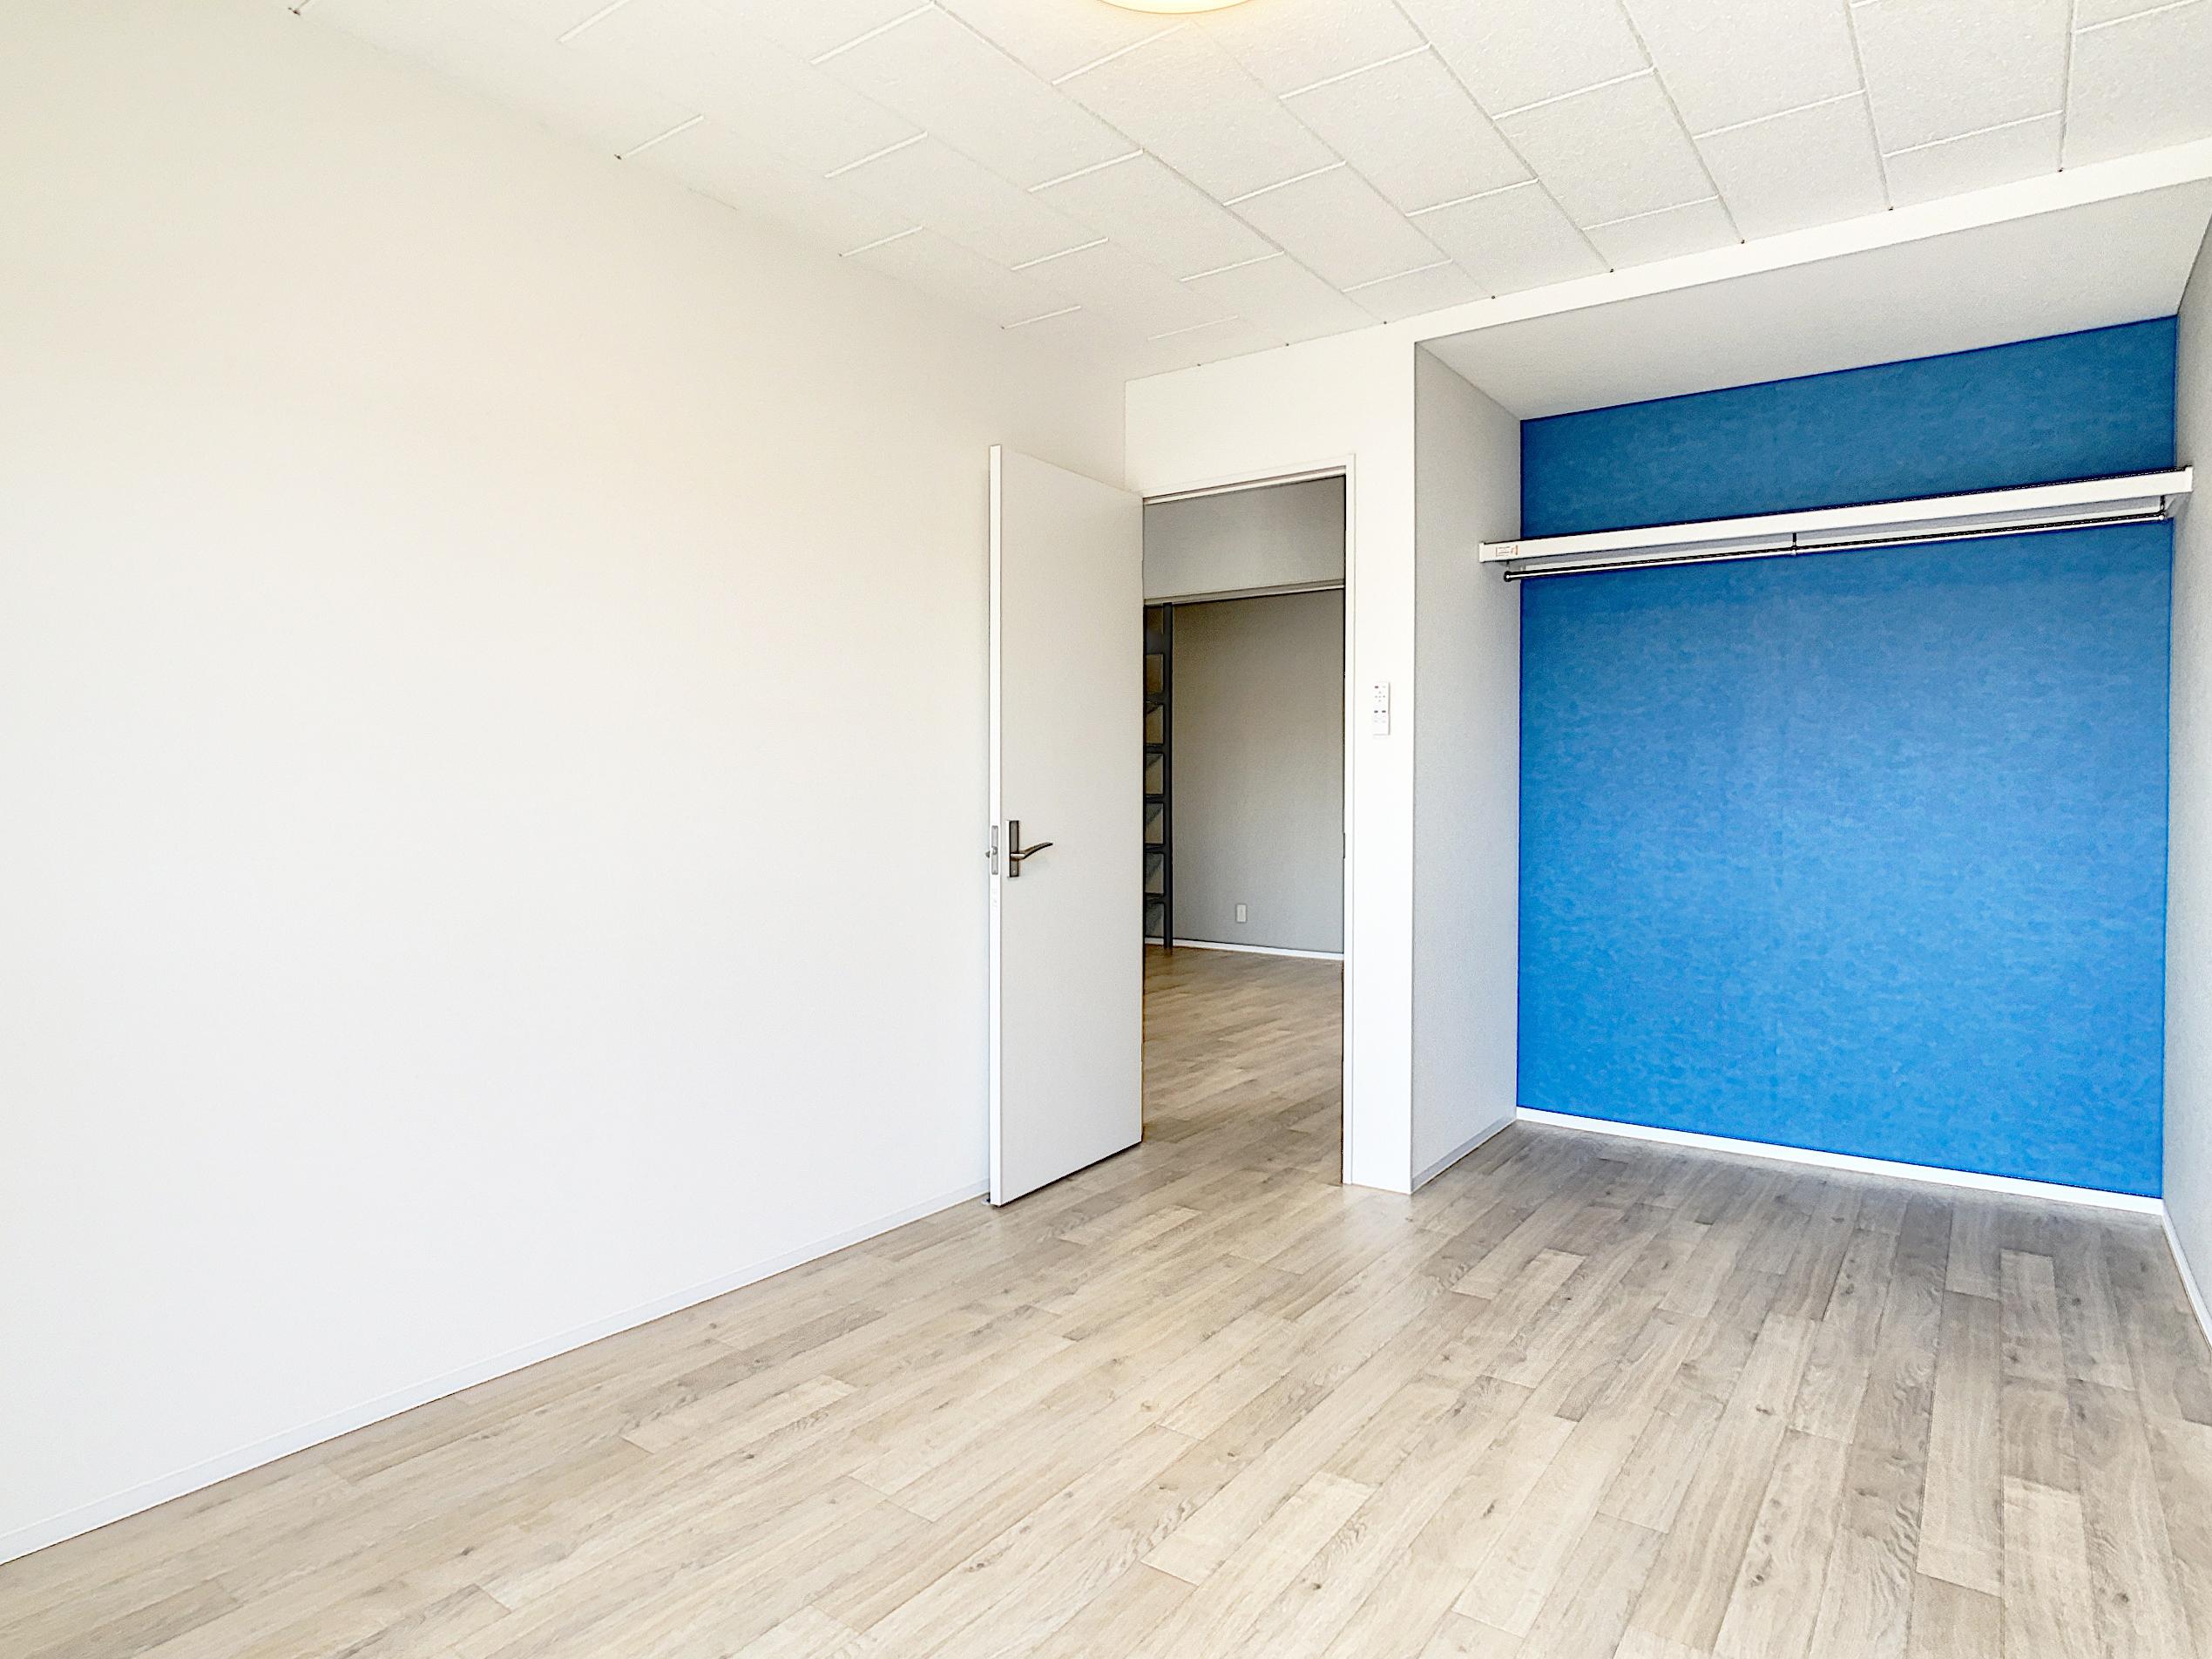 寝室のオープンクローゼットはブルーのクロスがアクセント